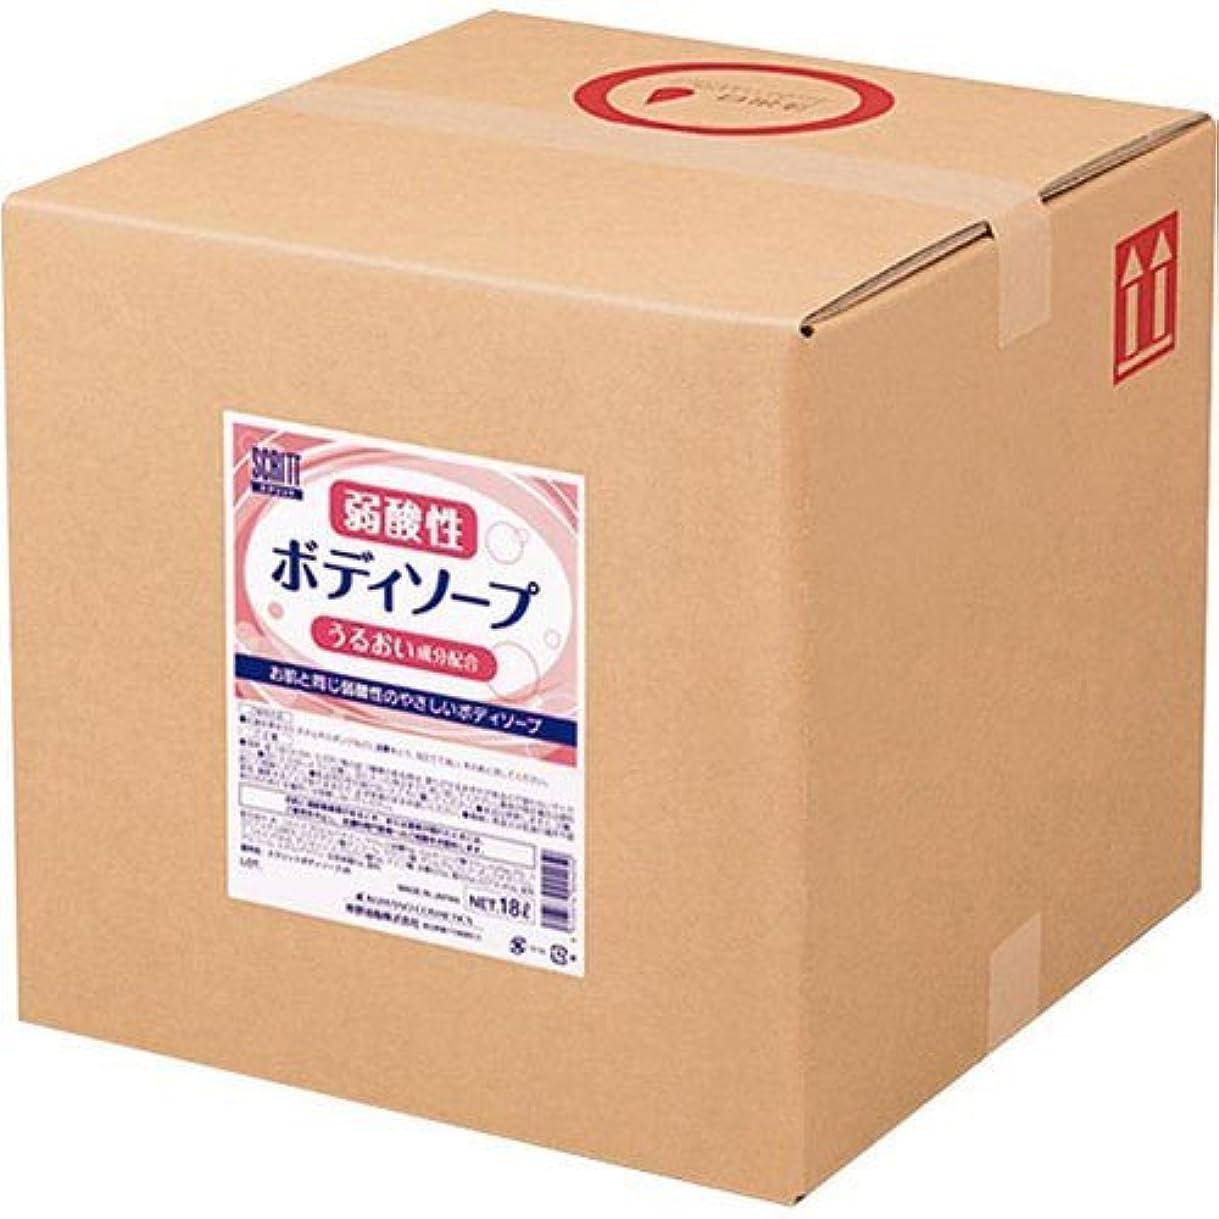 頼る航空広い熊野油脂 業務用 SCRITT(スクリット) 弱酸性ボディソープ 18L